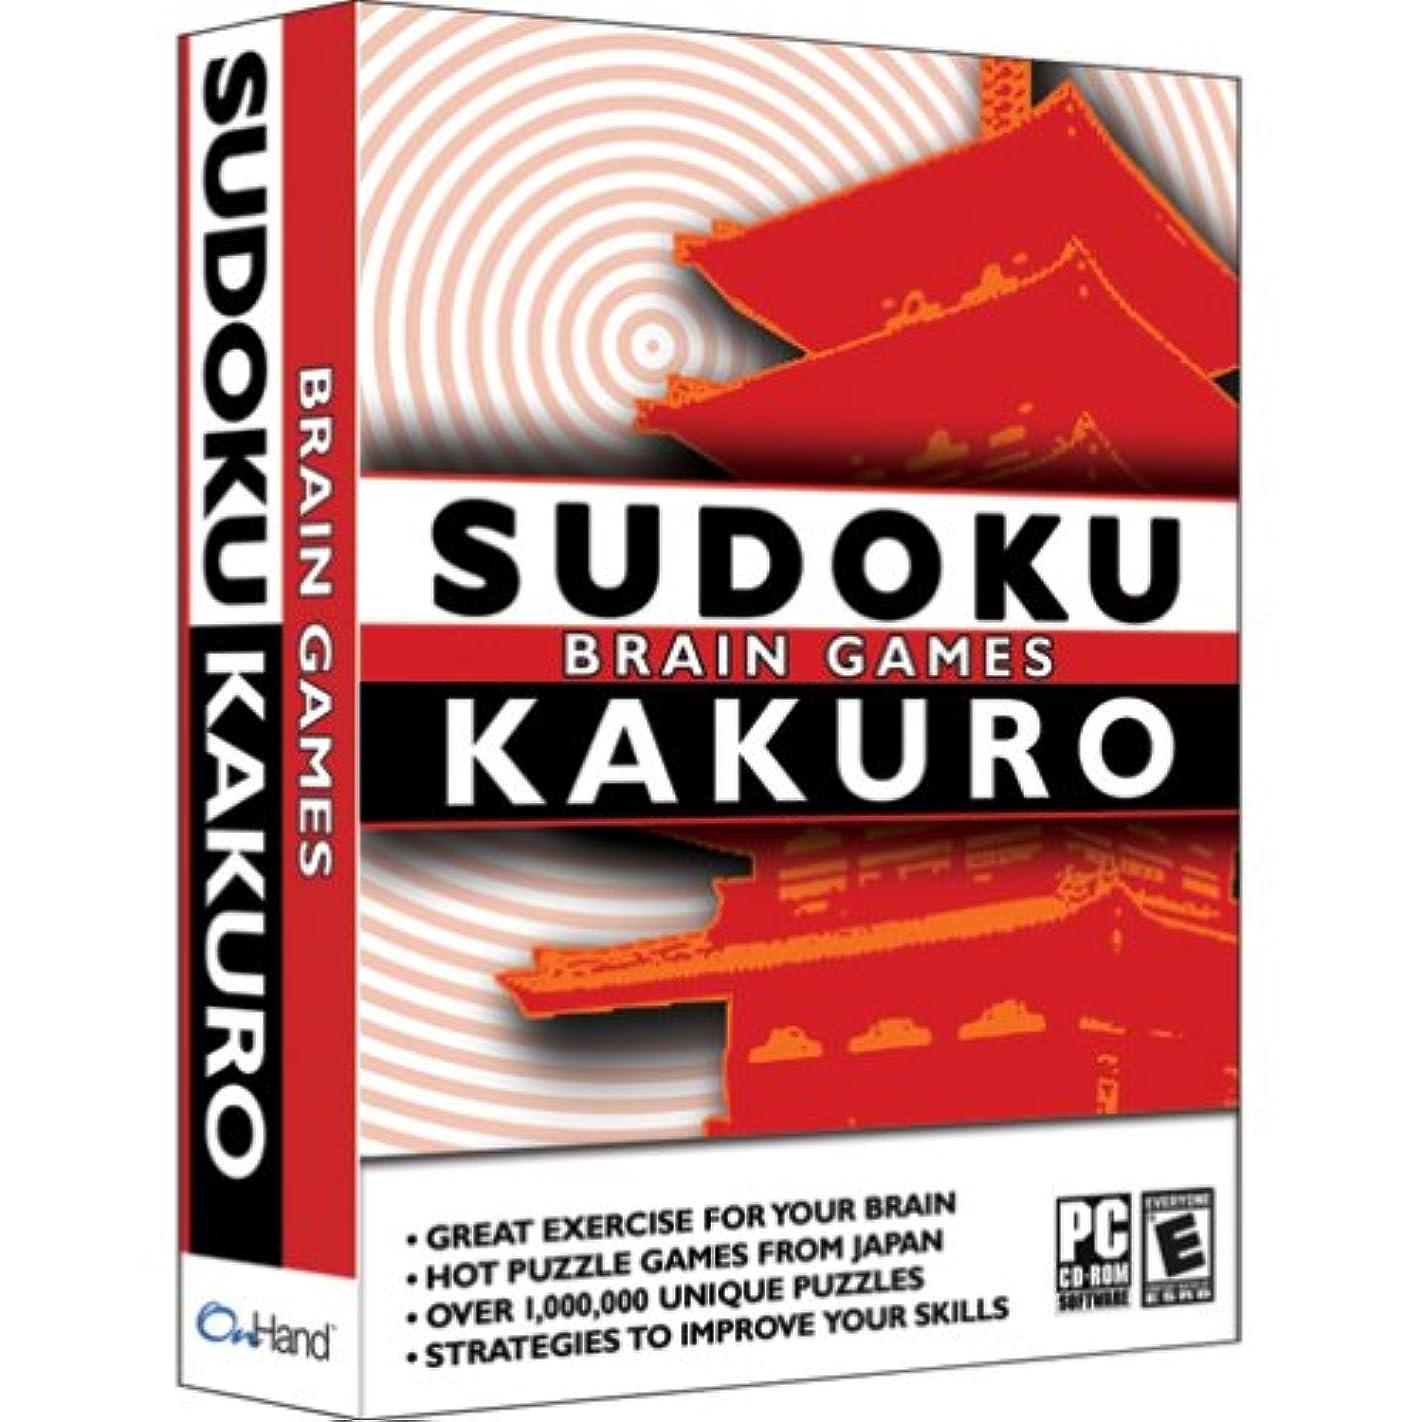 市民権そして排除するBrain Games: Sudoku & Kakuro (輸入版)